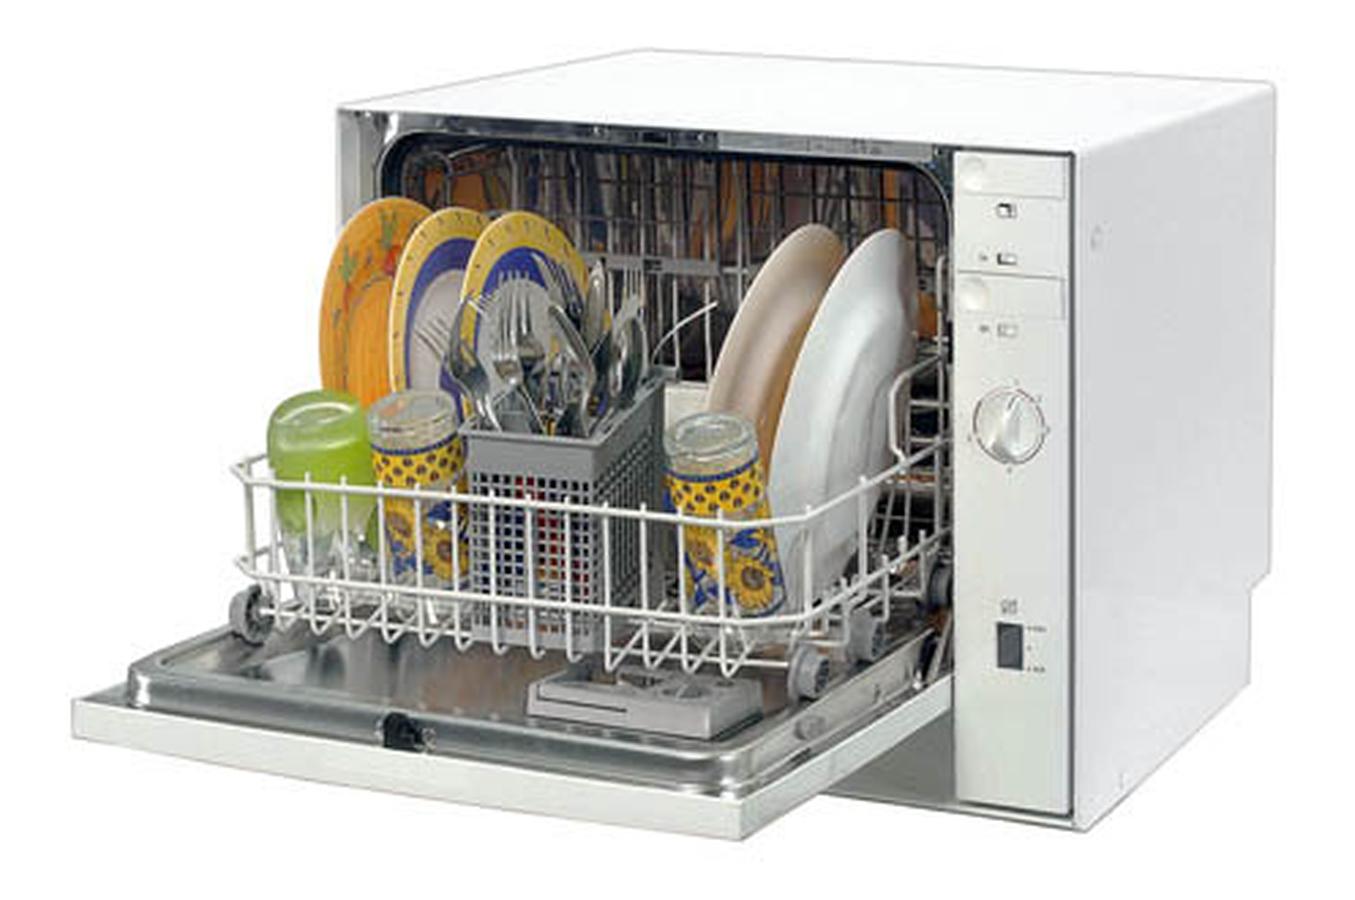 Lave vaisselle bosch skt 5102 eu 1853171 darty for Interieur lave vaisselle bosch